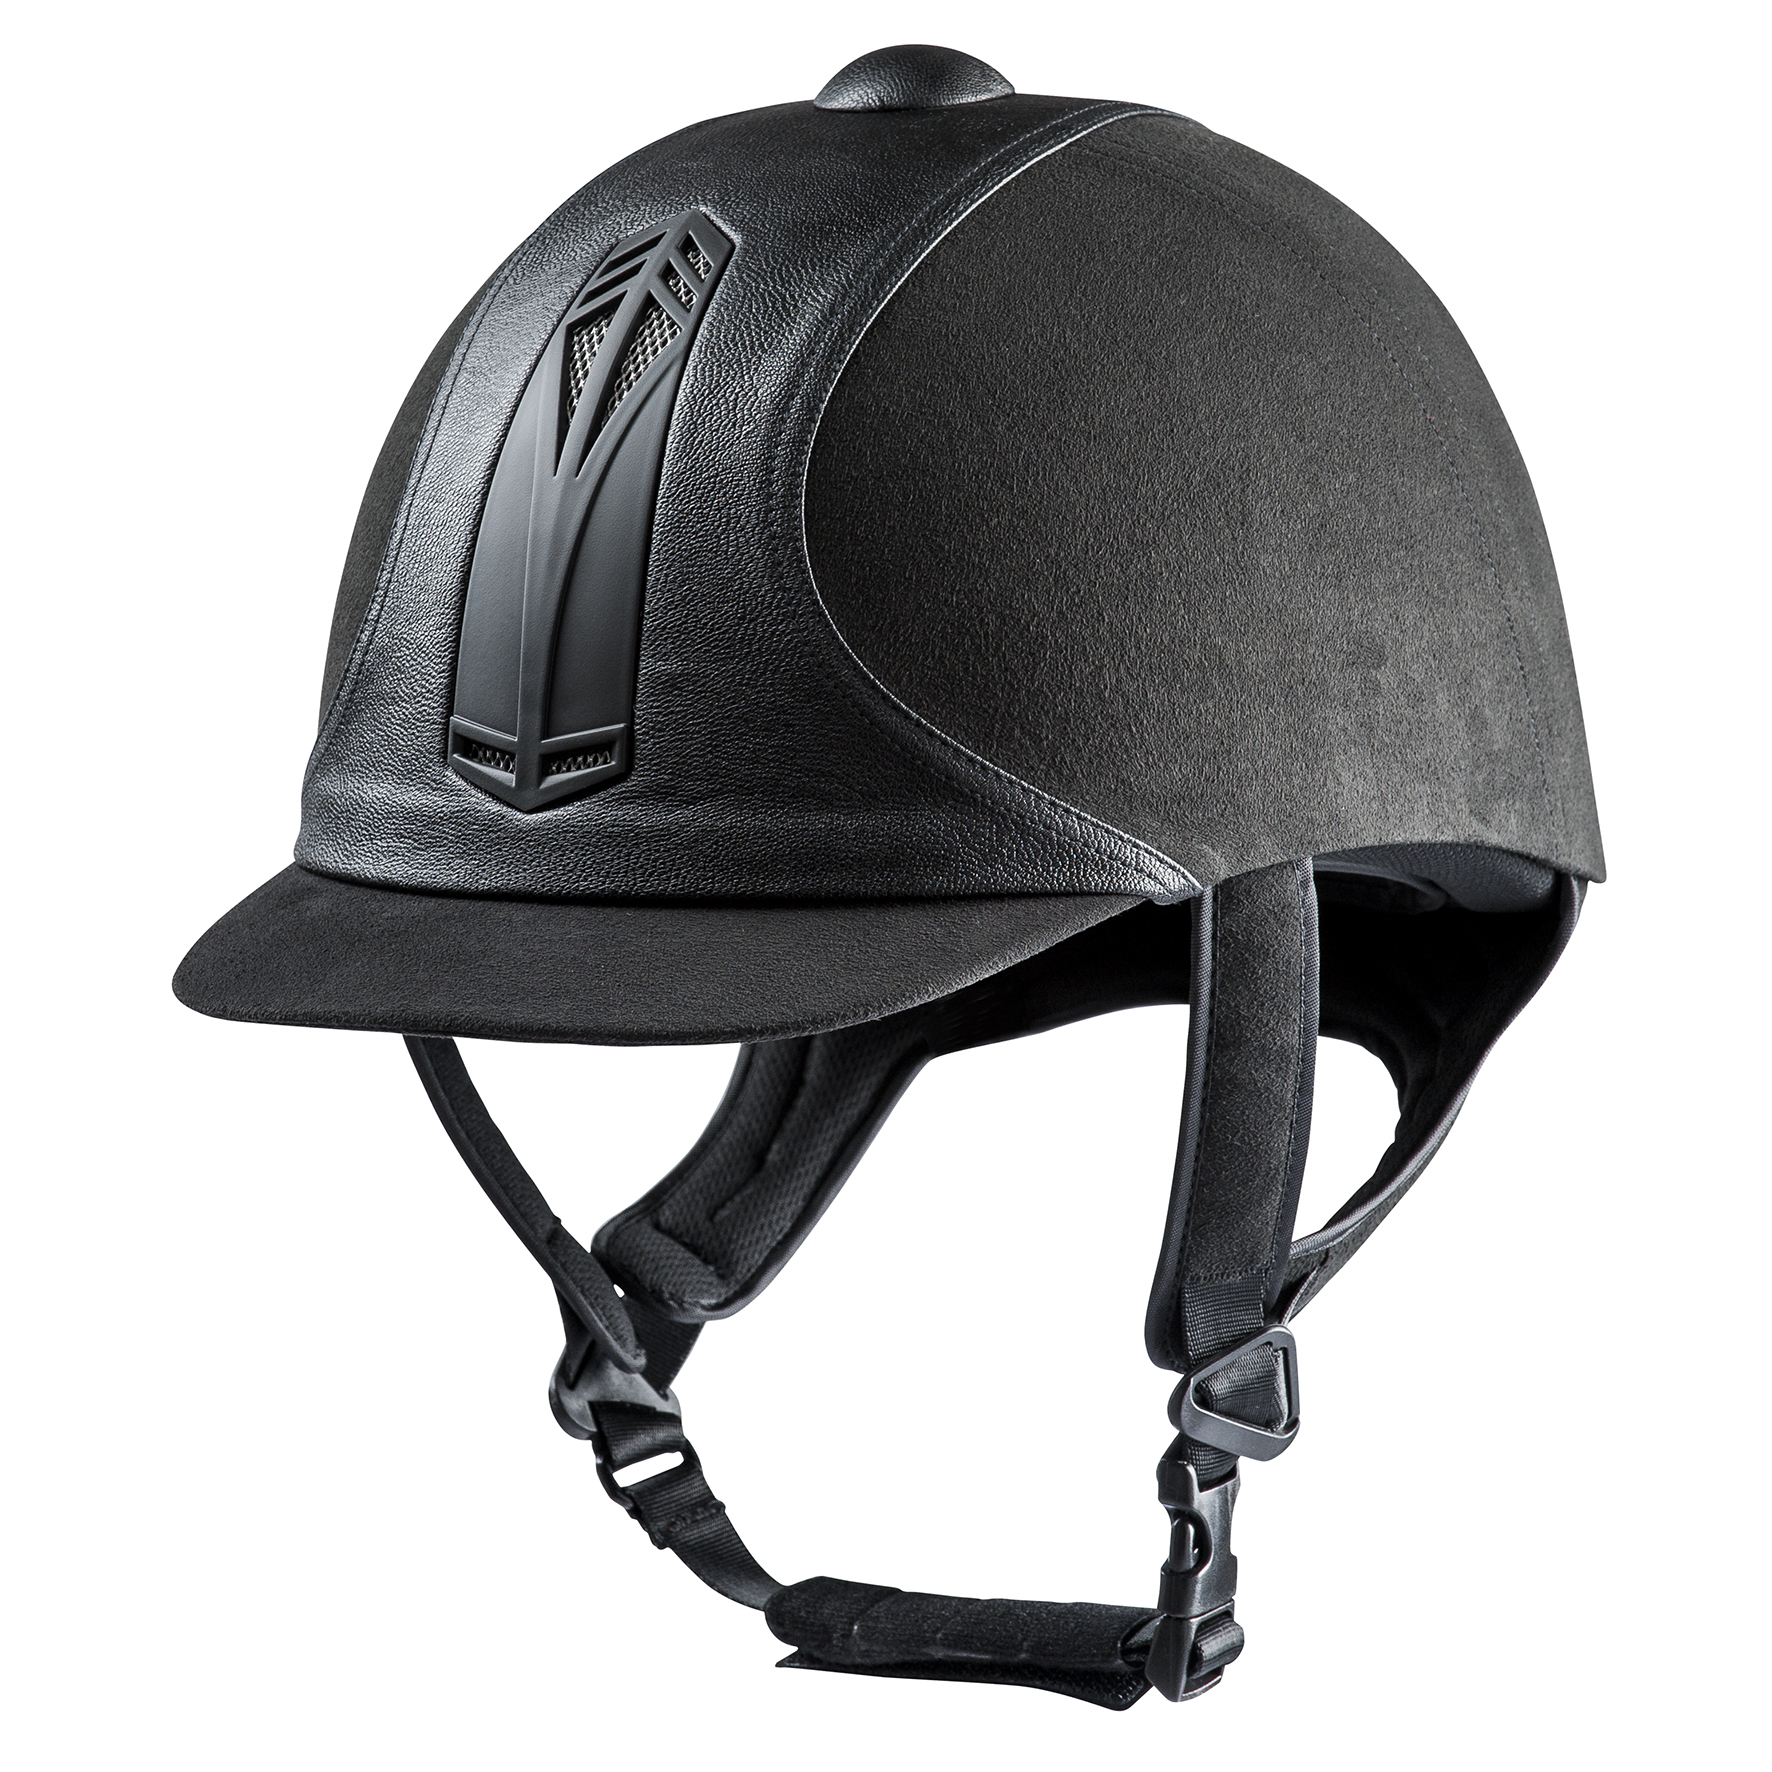 Choplin - Premium noir helmet